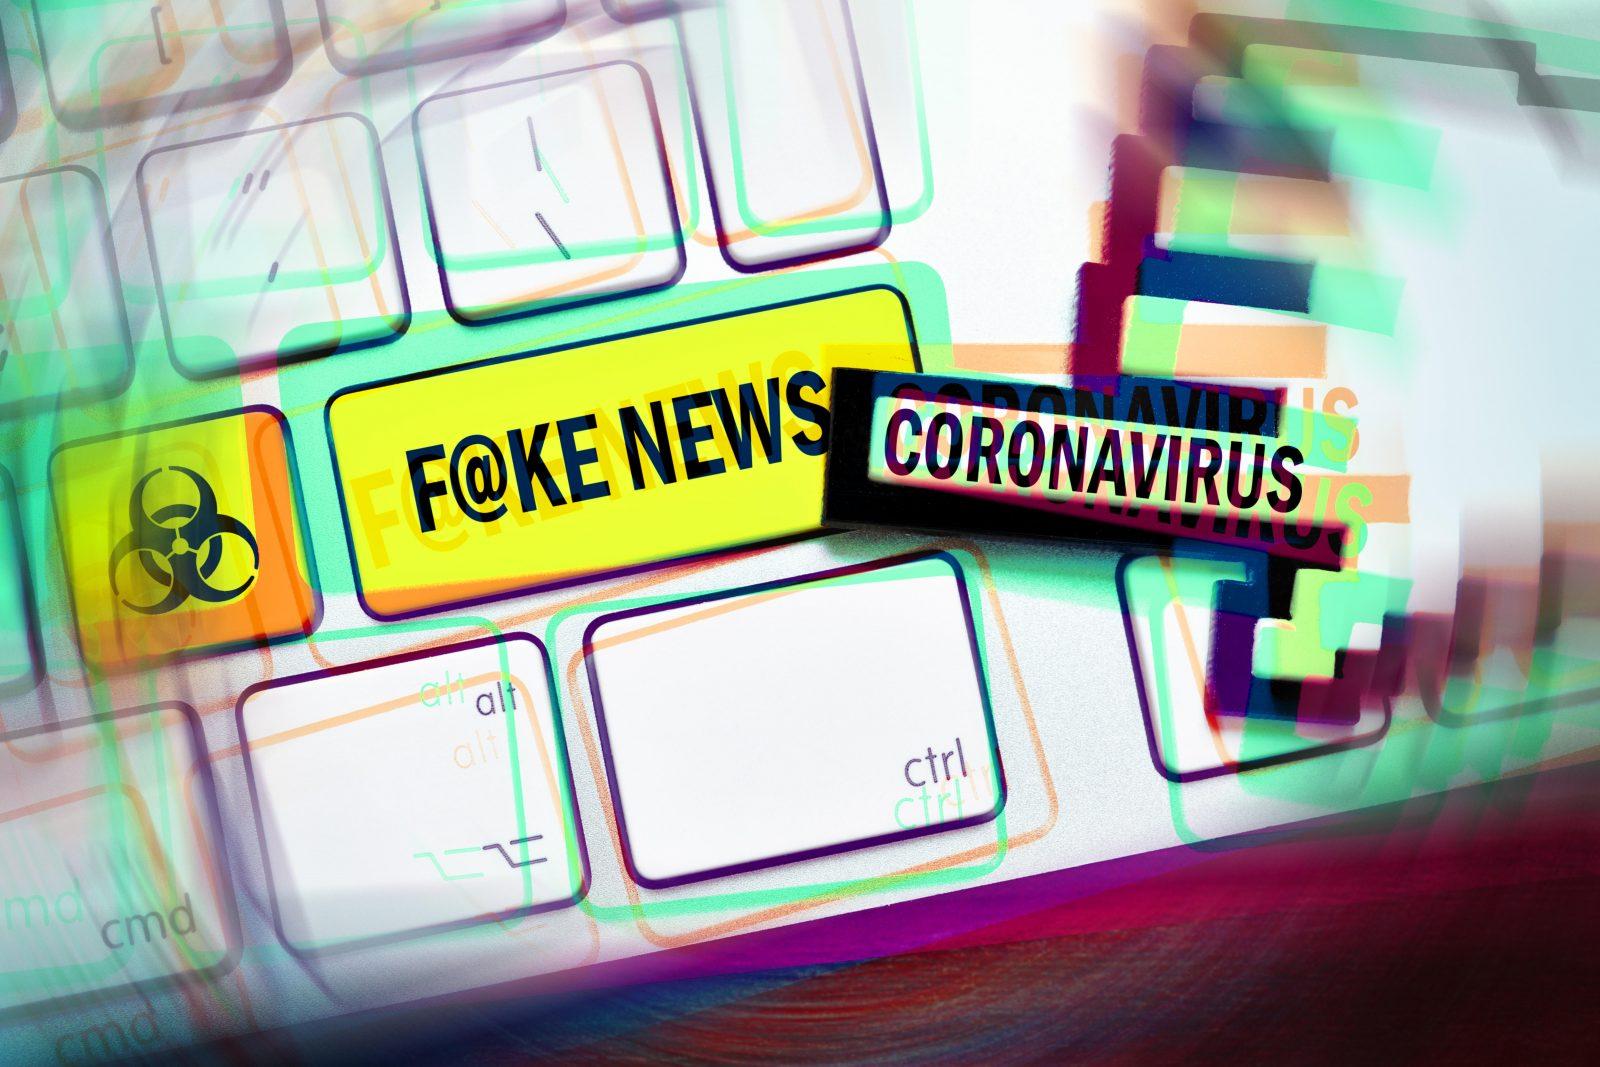 Laut der Studie stieg die Sorge vor der Verbreitung von Fake News während der Corona-Krise (Symbolbild) Foto: picture alliance/Bildagentur-online